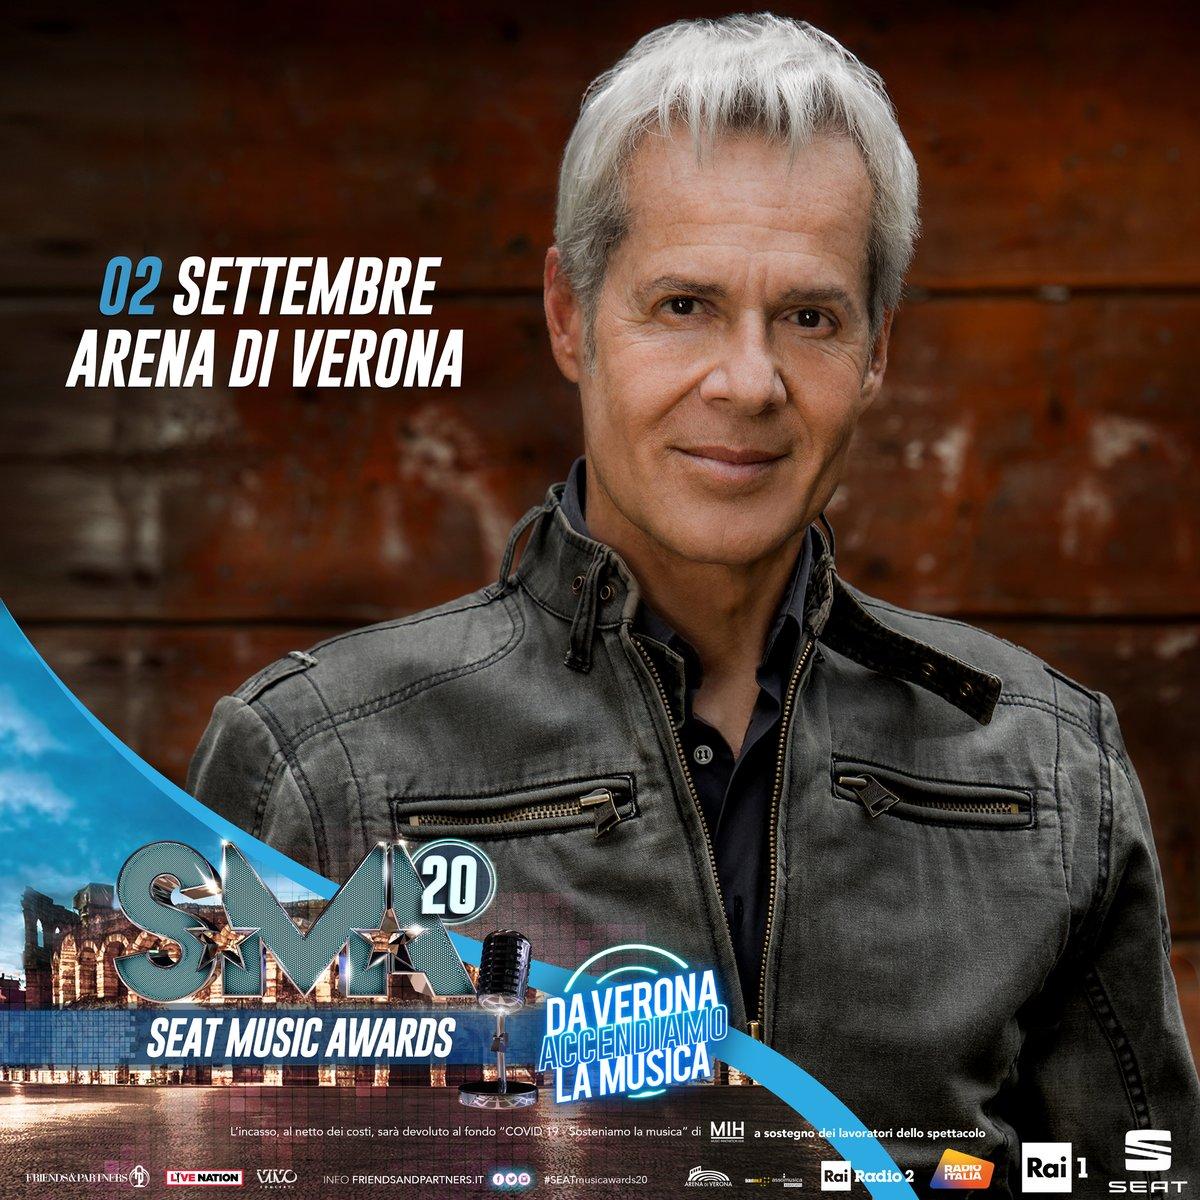 Claudio Baglioni sarà presente ai Seat Music Awards 2020 il 2 settembre in diretta in prima serata su Rai 1 dall'Arena di Verona. #SeatMusicAwards20 @SMAufficiale https://t.co/GVEXyKWbmk